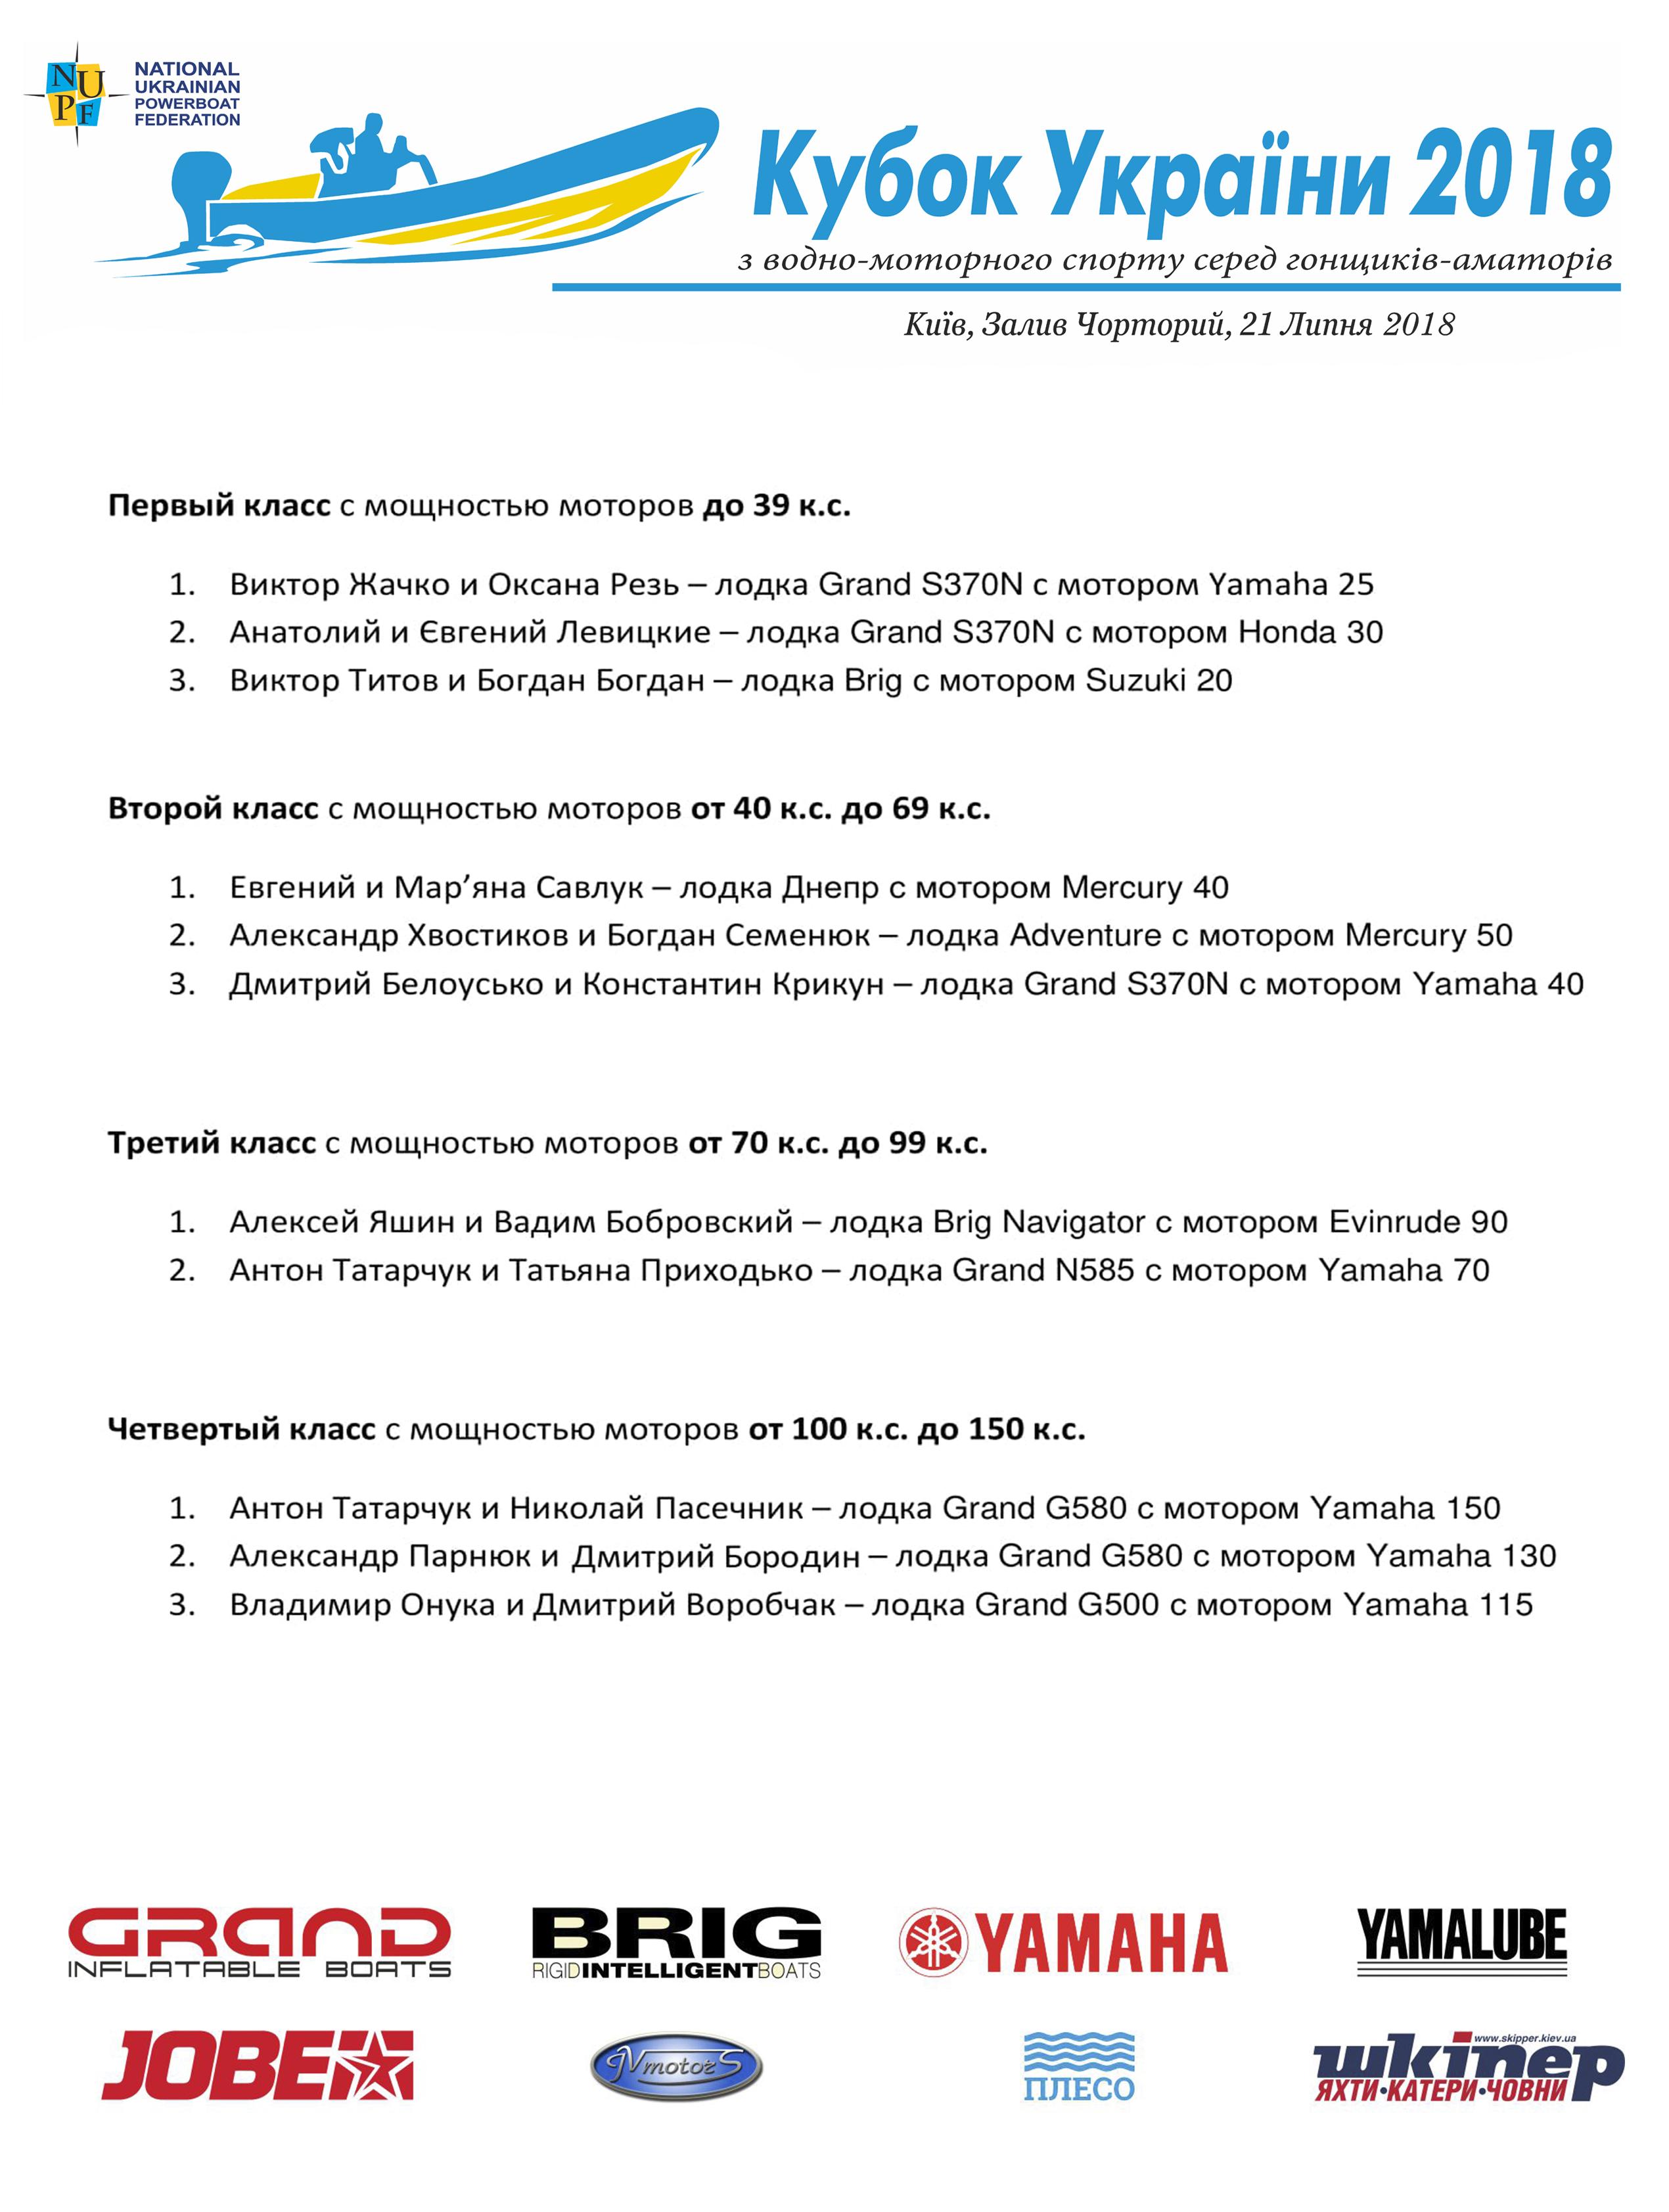 Кубок України з водно-моторного спорту 2018 року, гонки водно-моторные, кубок водно-моторного спорта